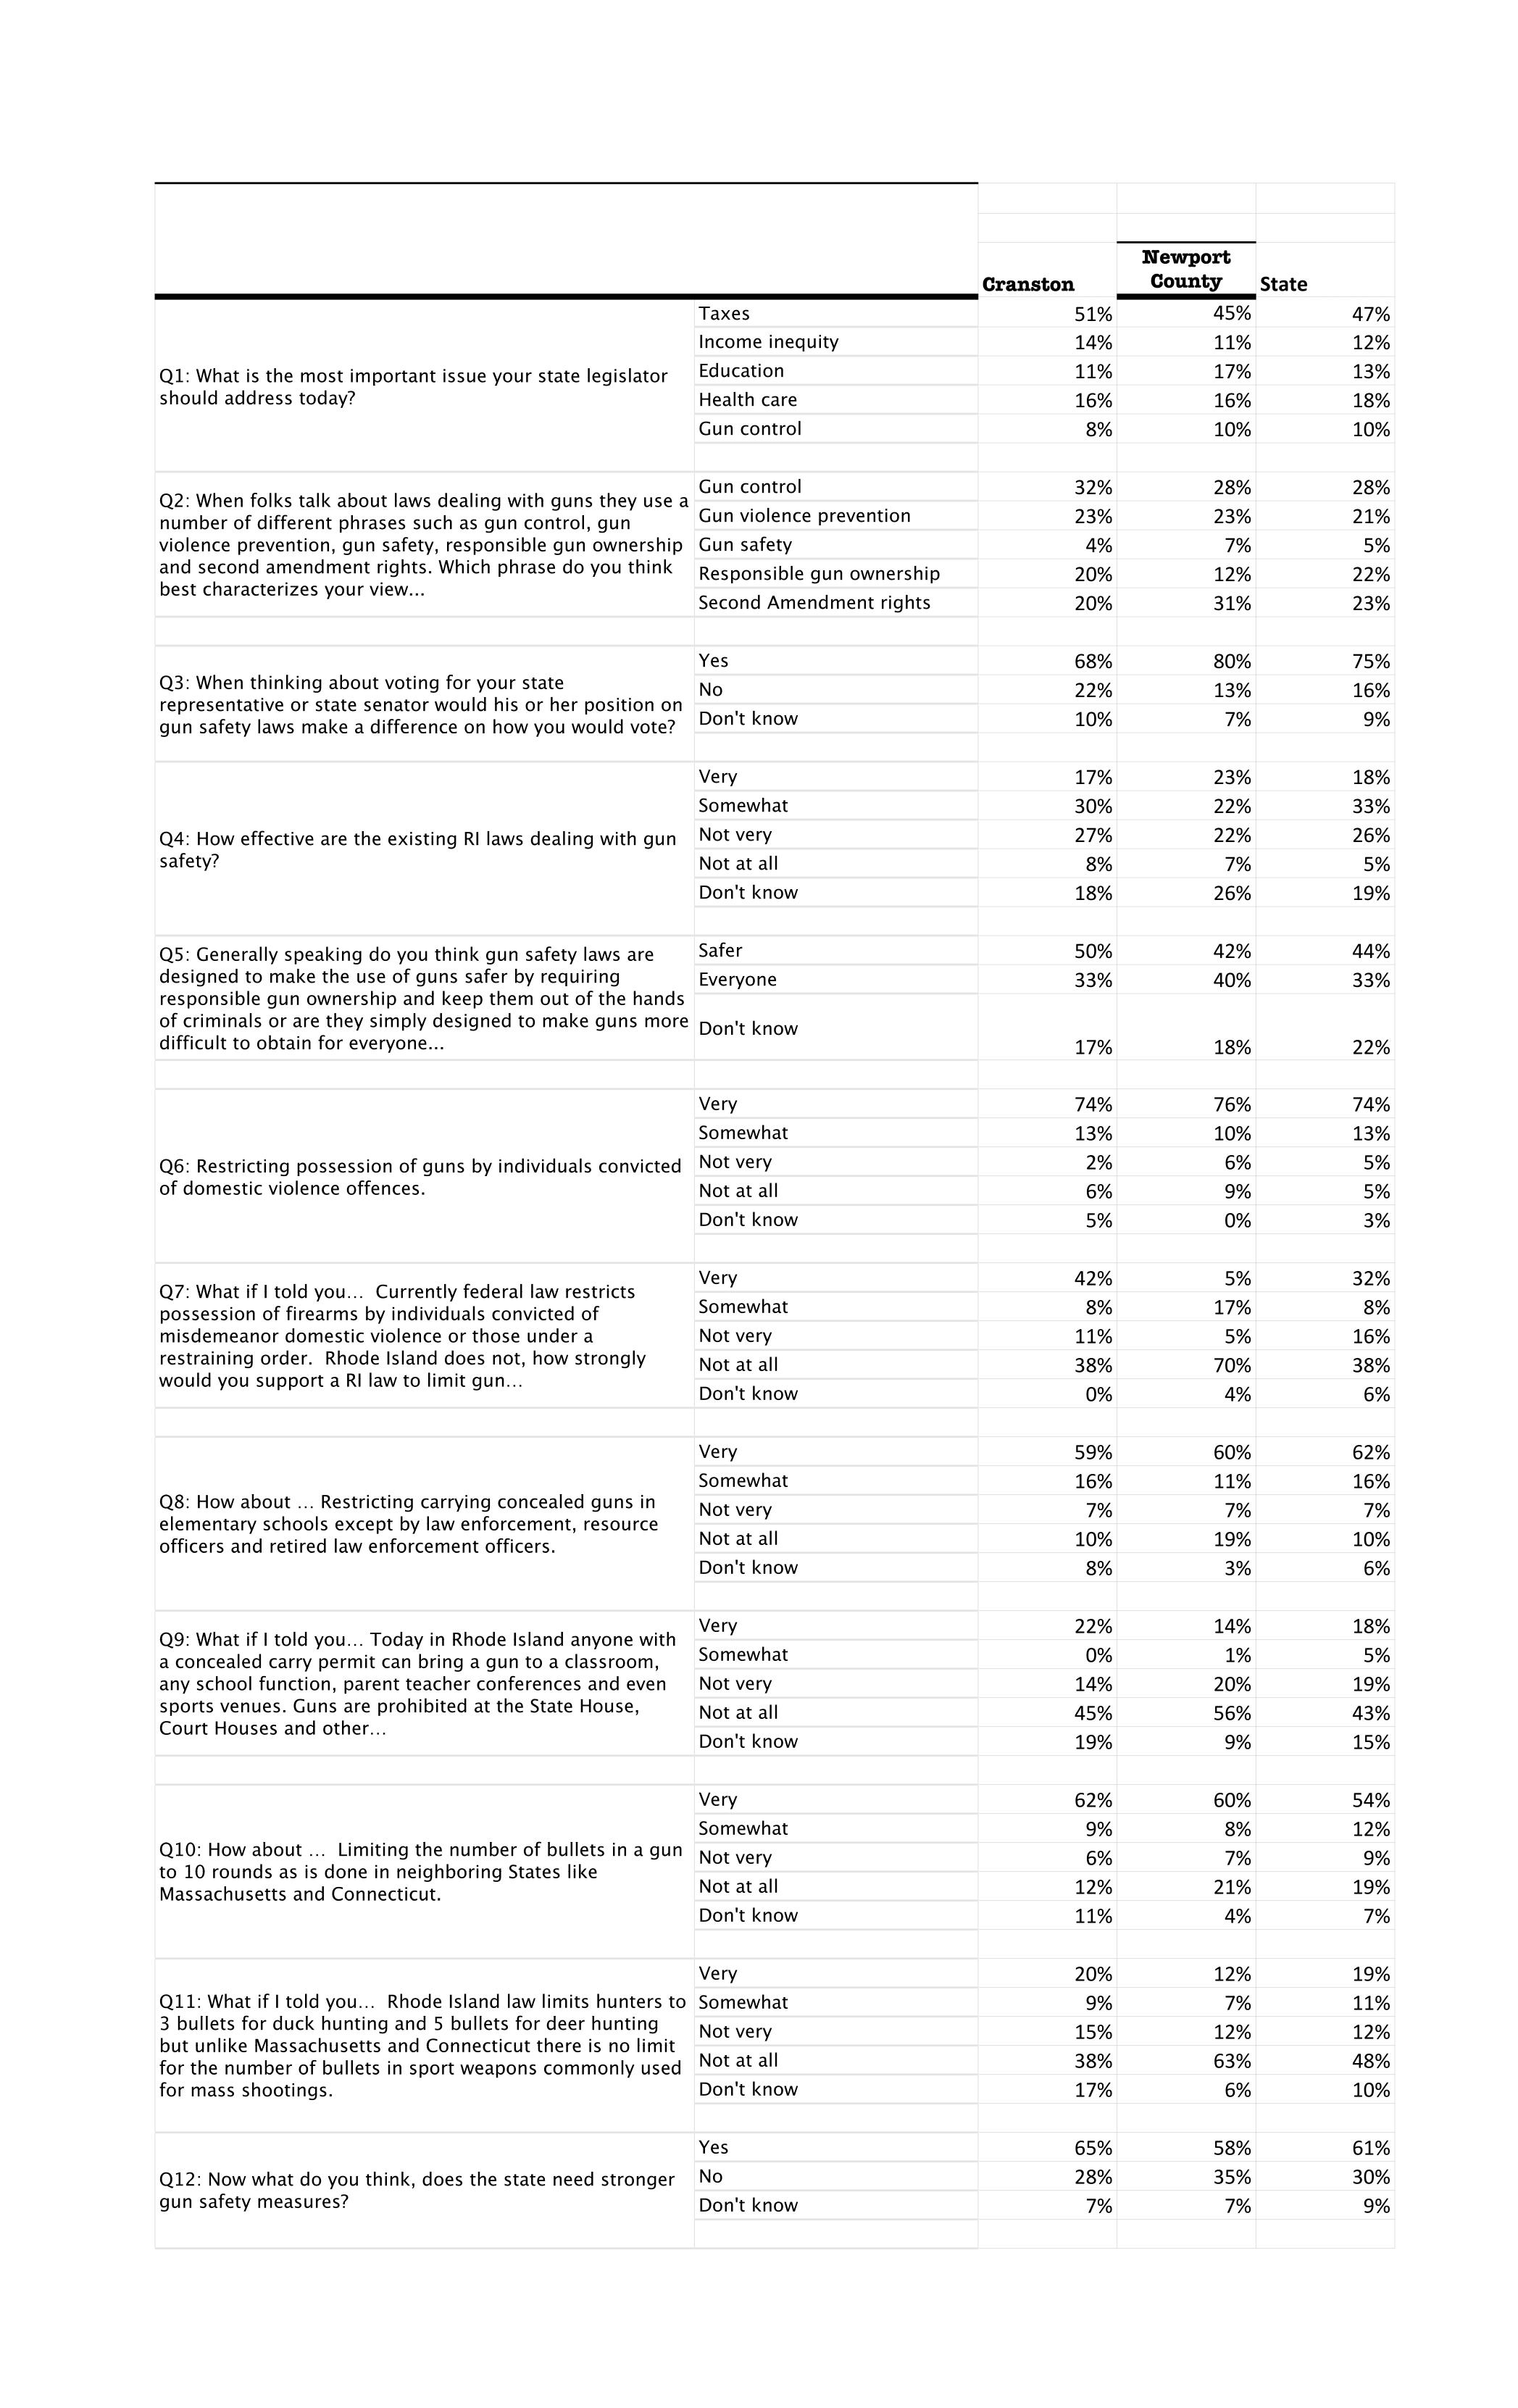 RI_Gun_Safety_Polling_Data__2016-2-9.png